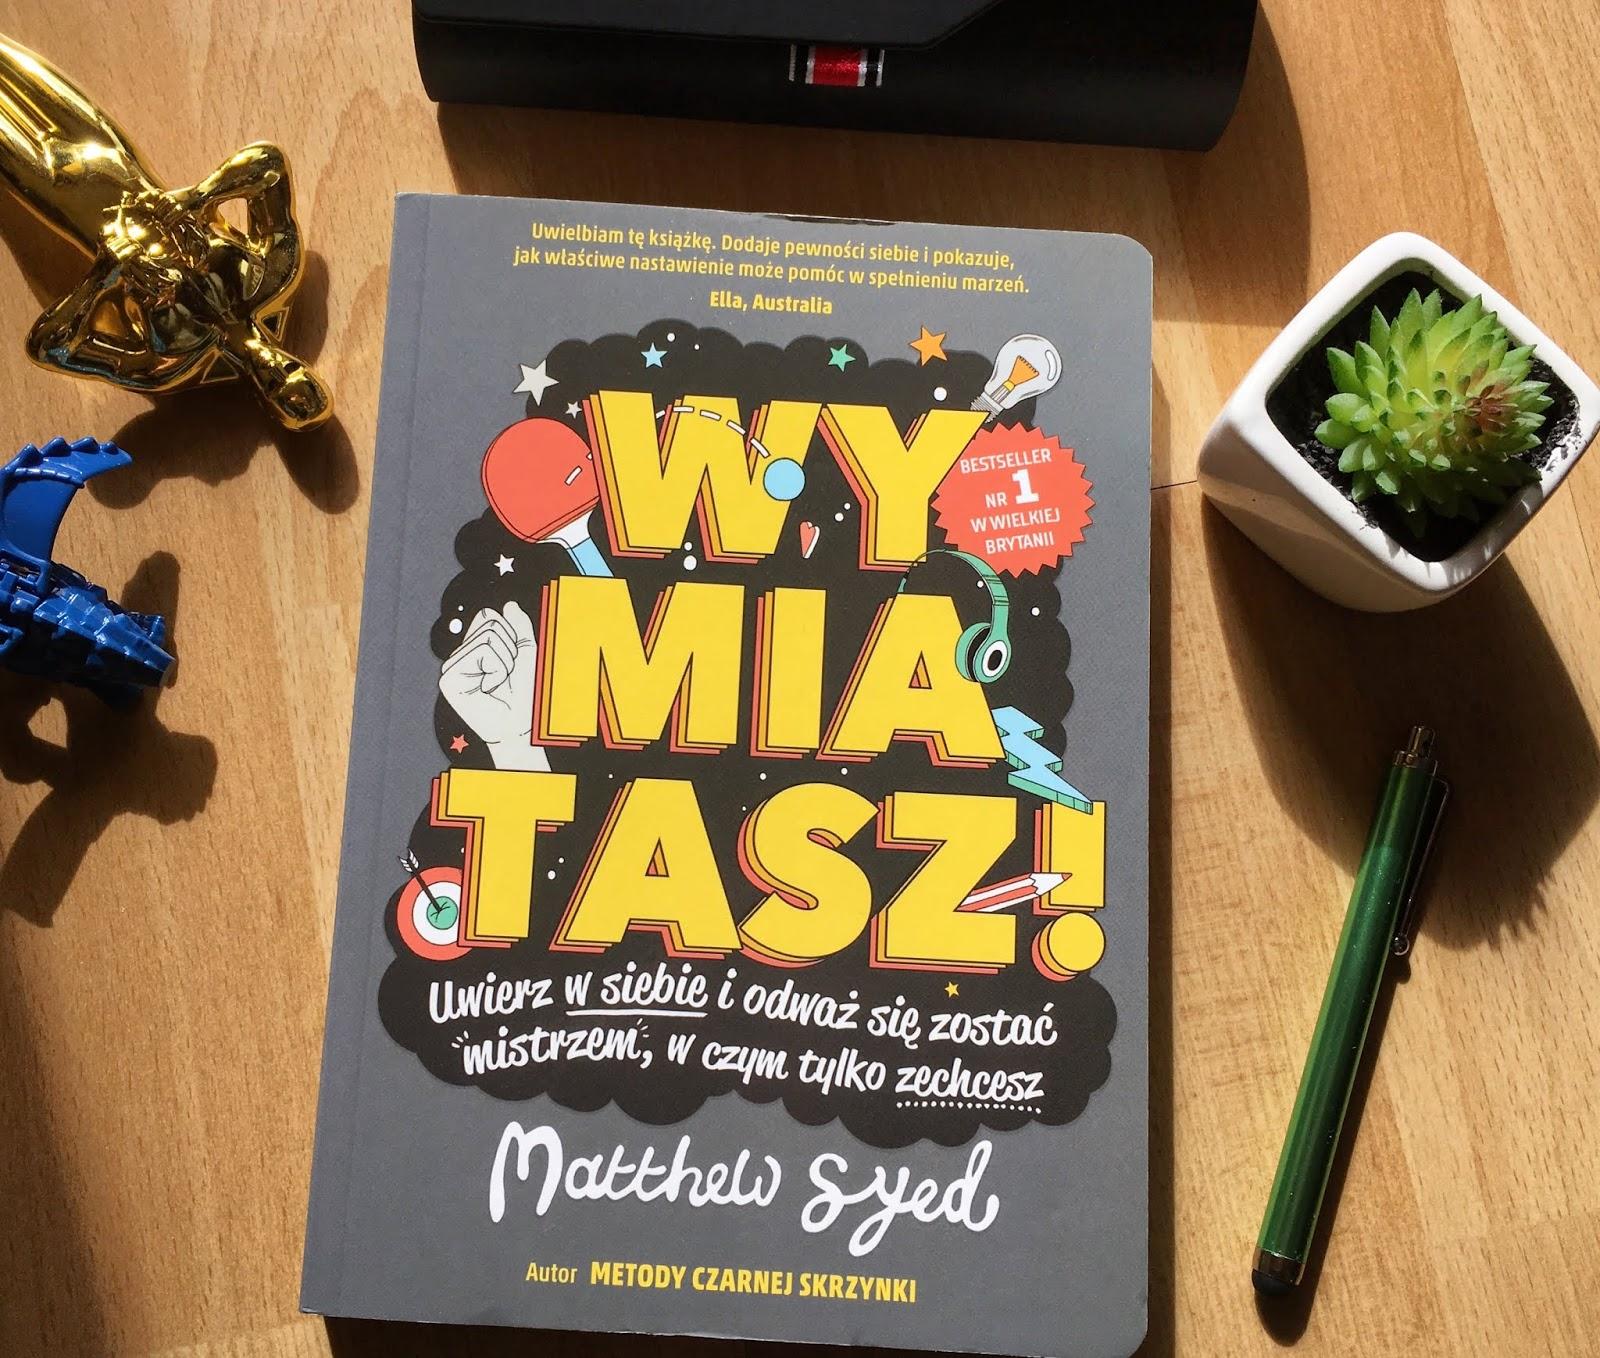 """Nastaw się na rozwój, czyli recenzja książki """"Wymiatasz!"""" - Matthew Syed."""